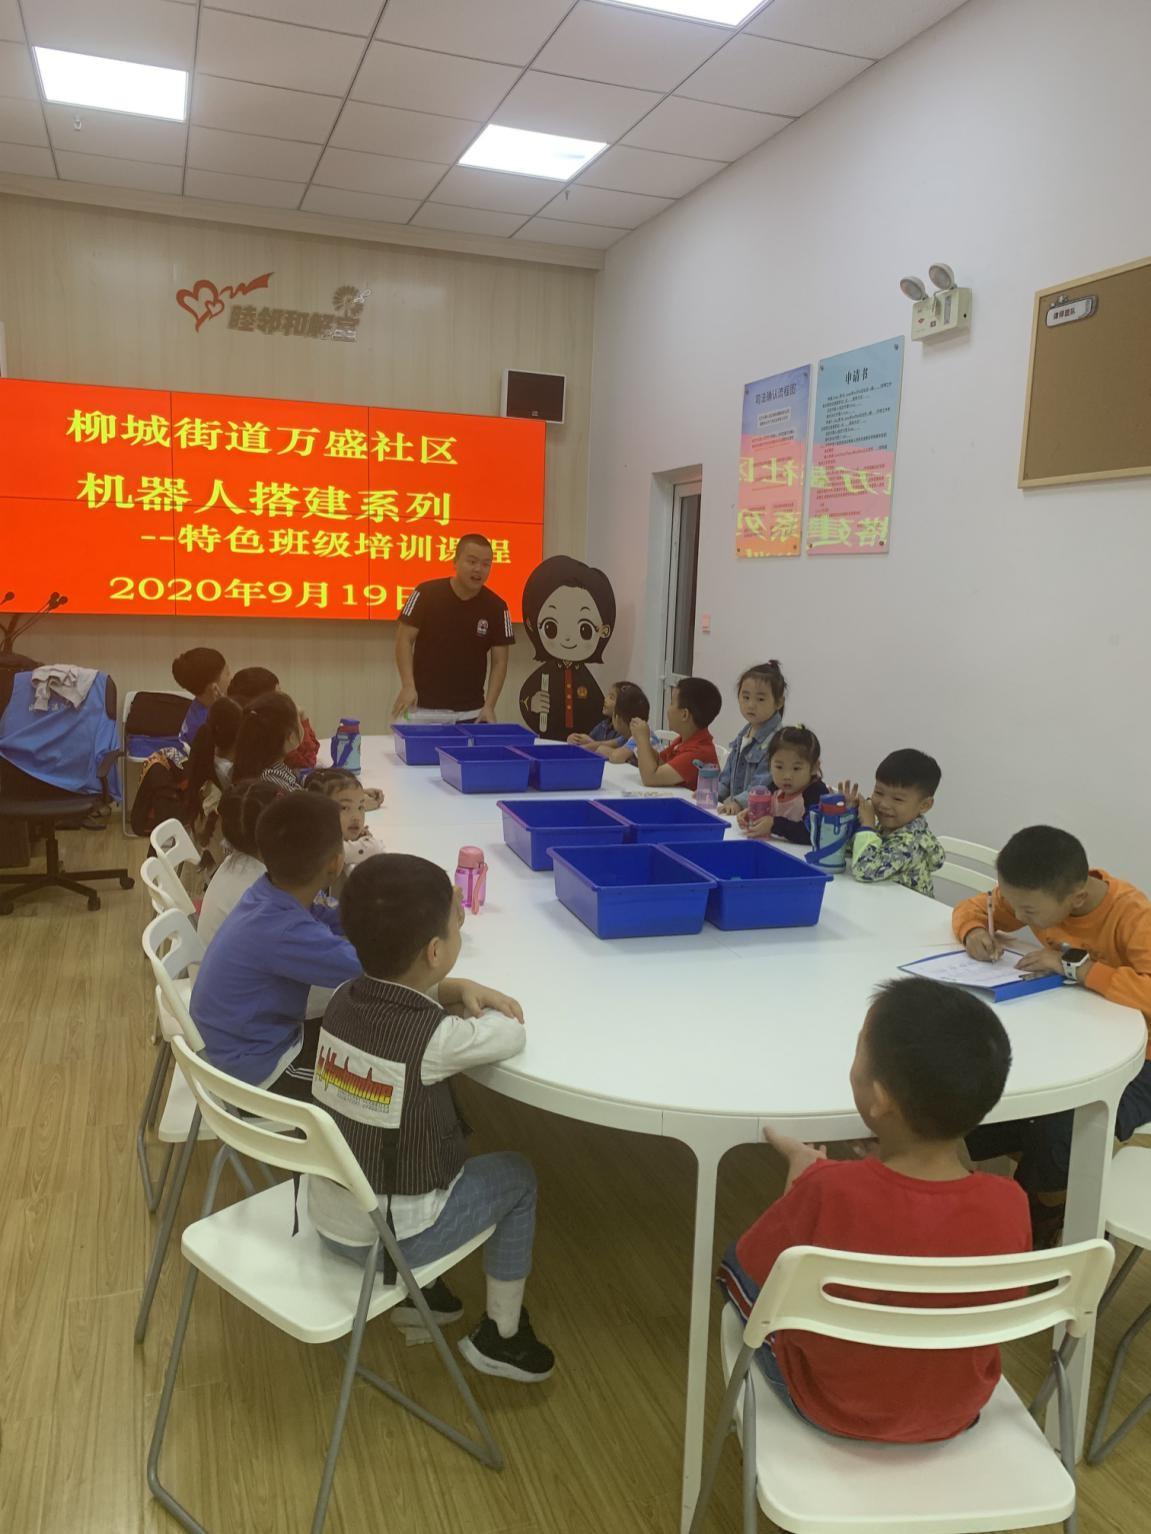 http://www.goschool.org.cn/d/file/97994379.jpg